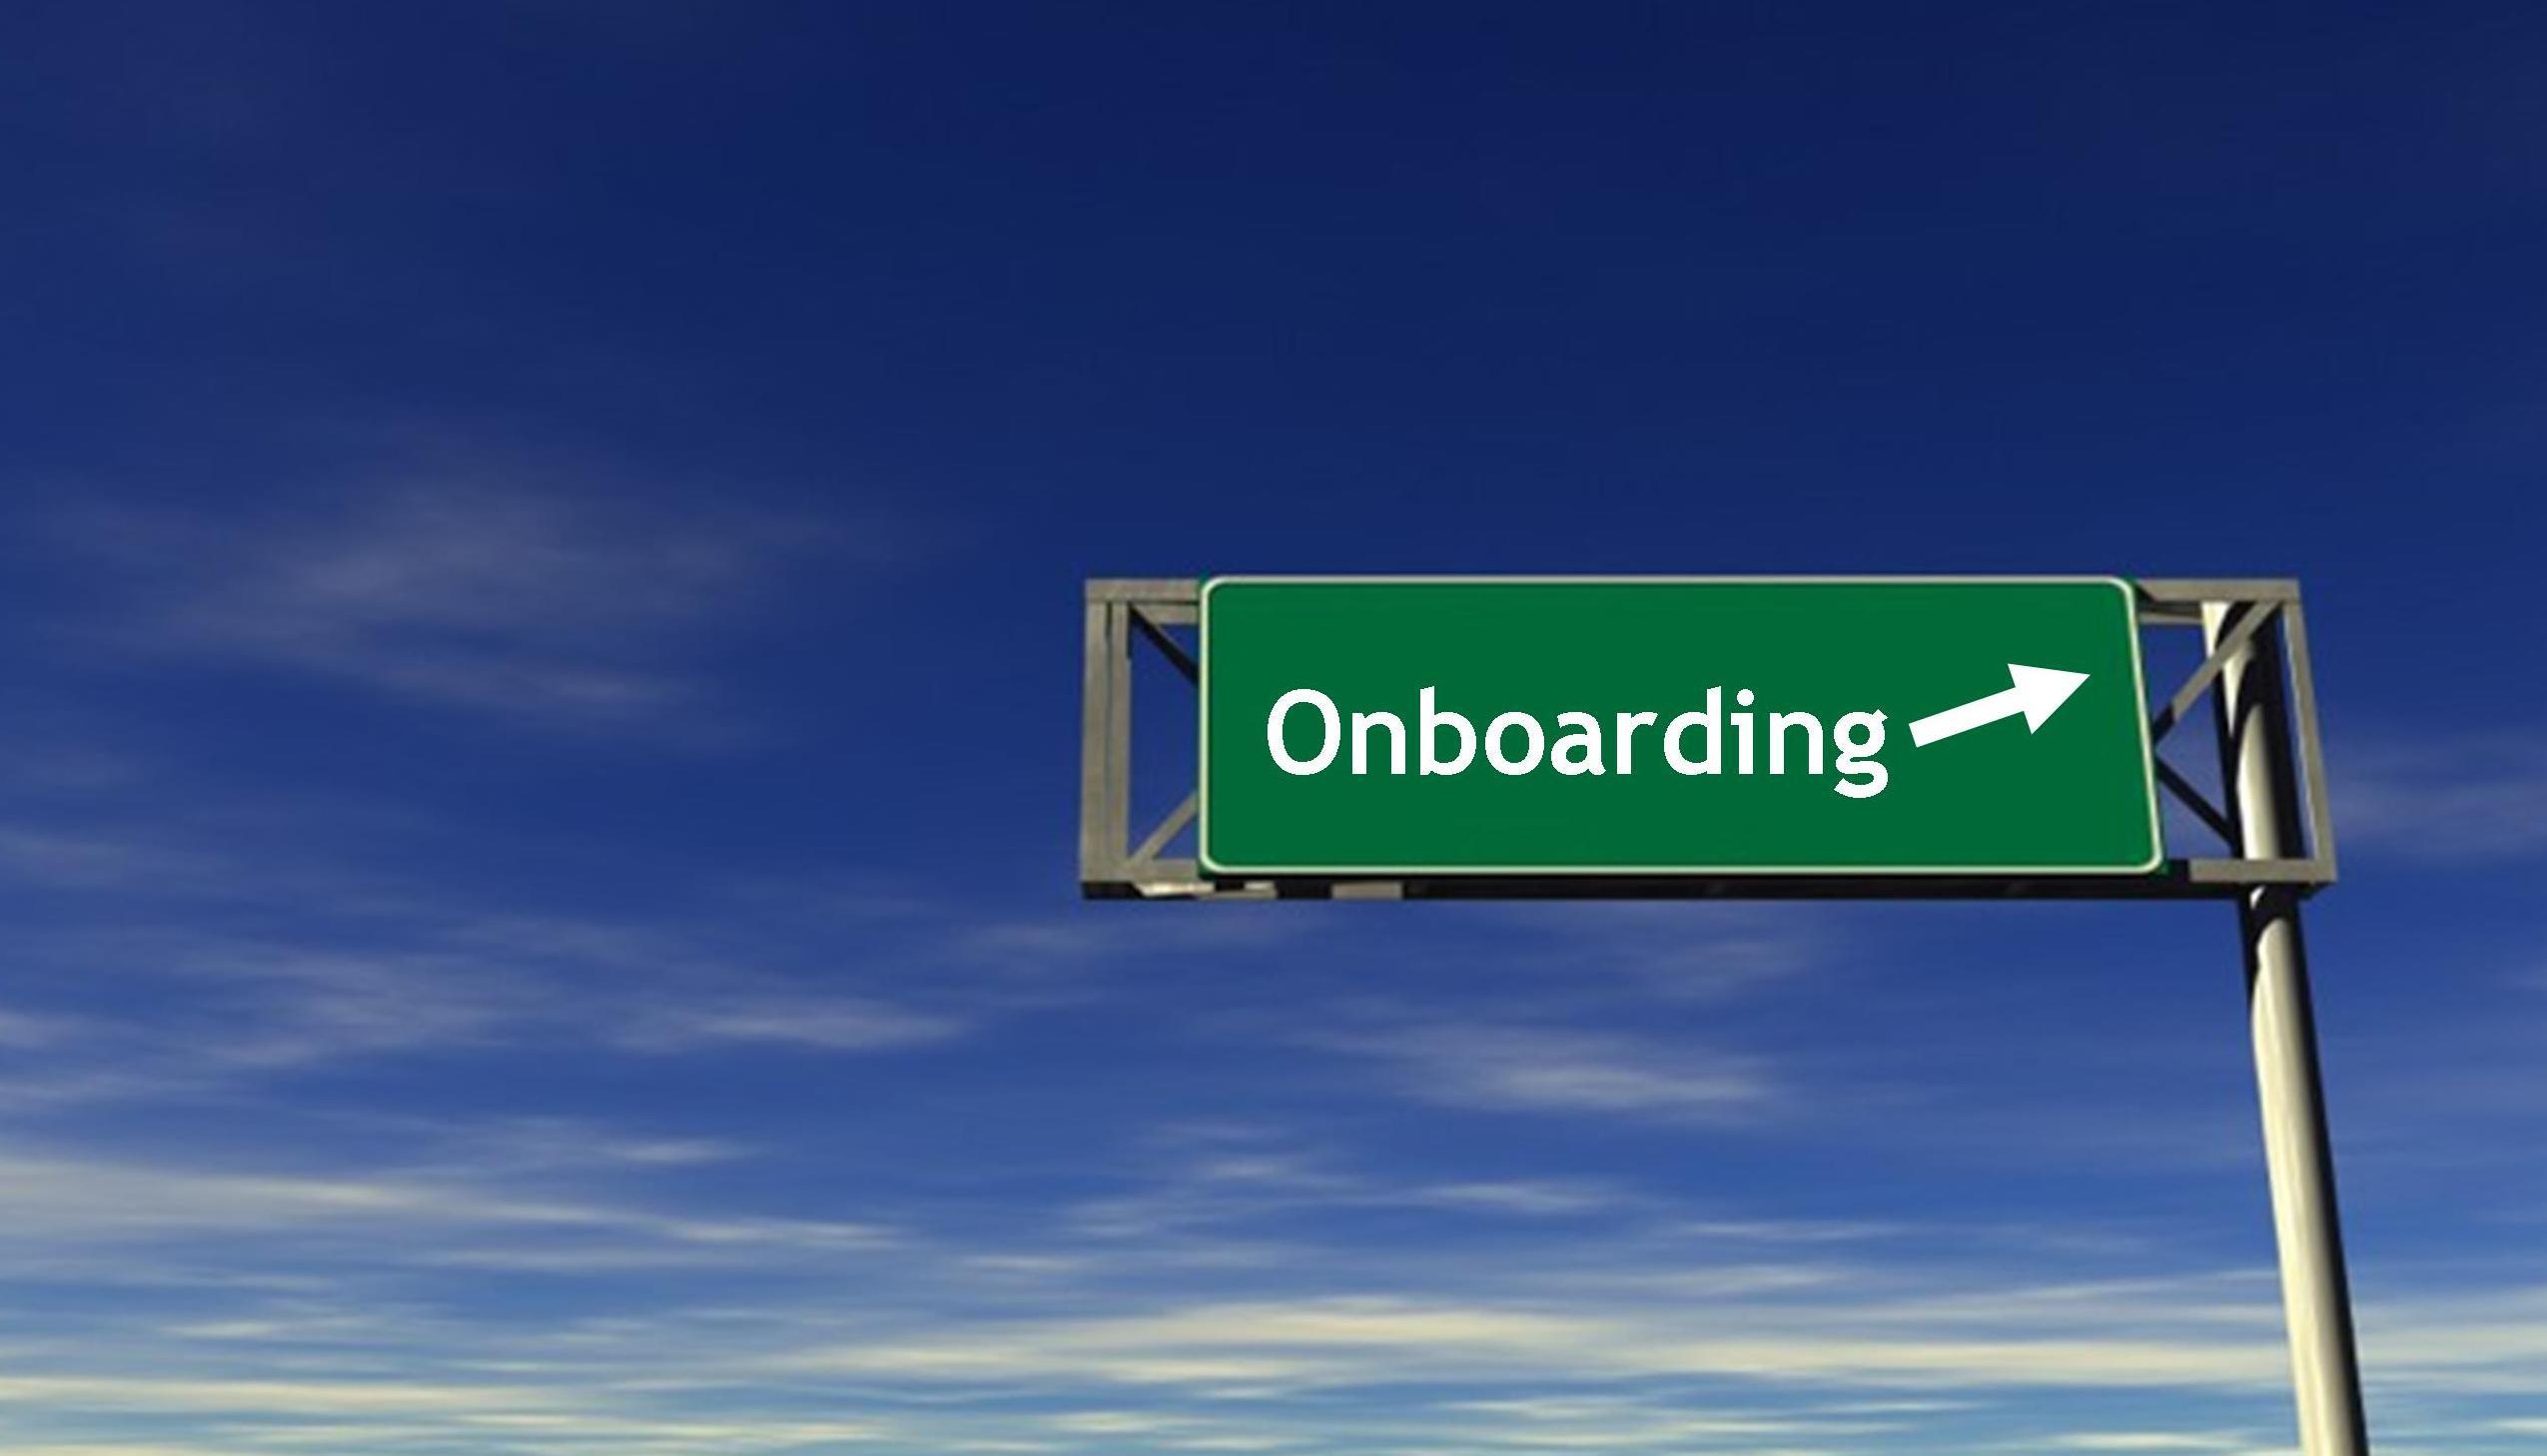 Onboarding meer dan een buzzword!